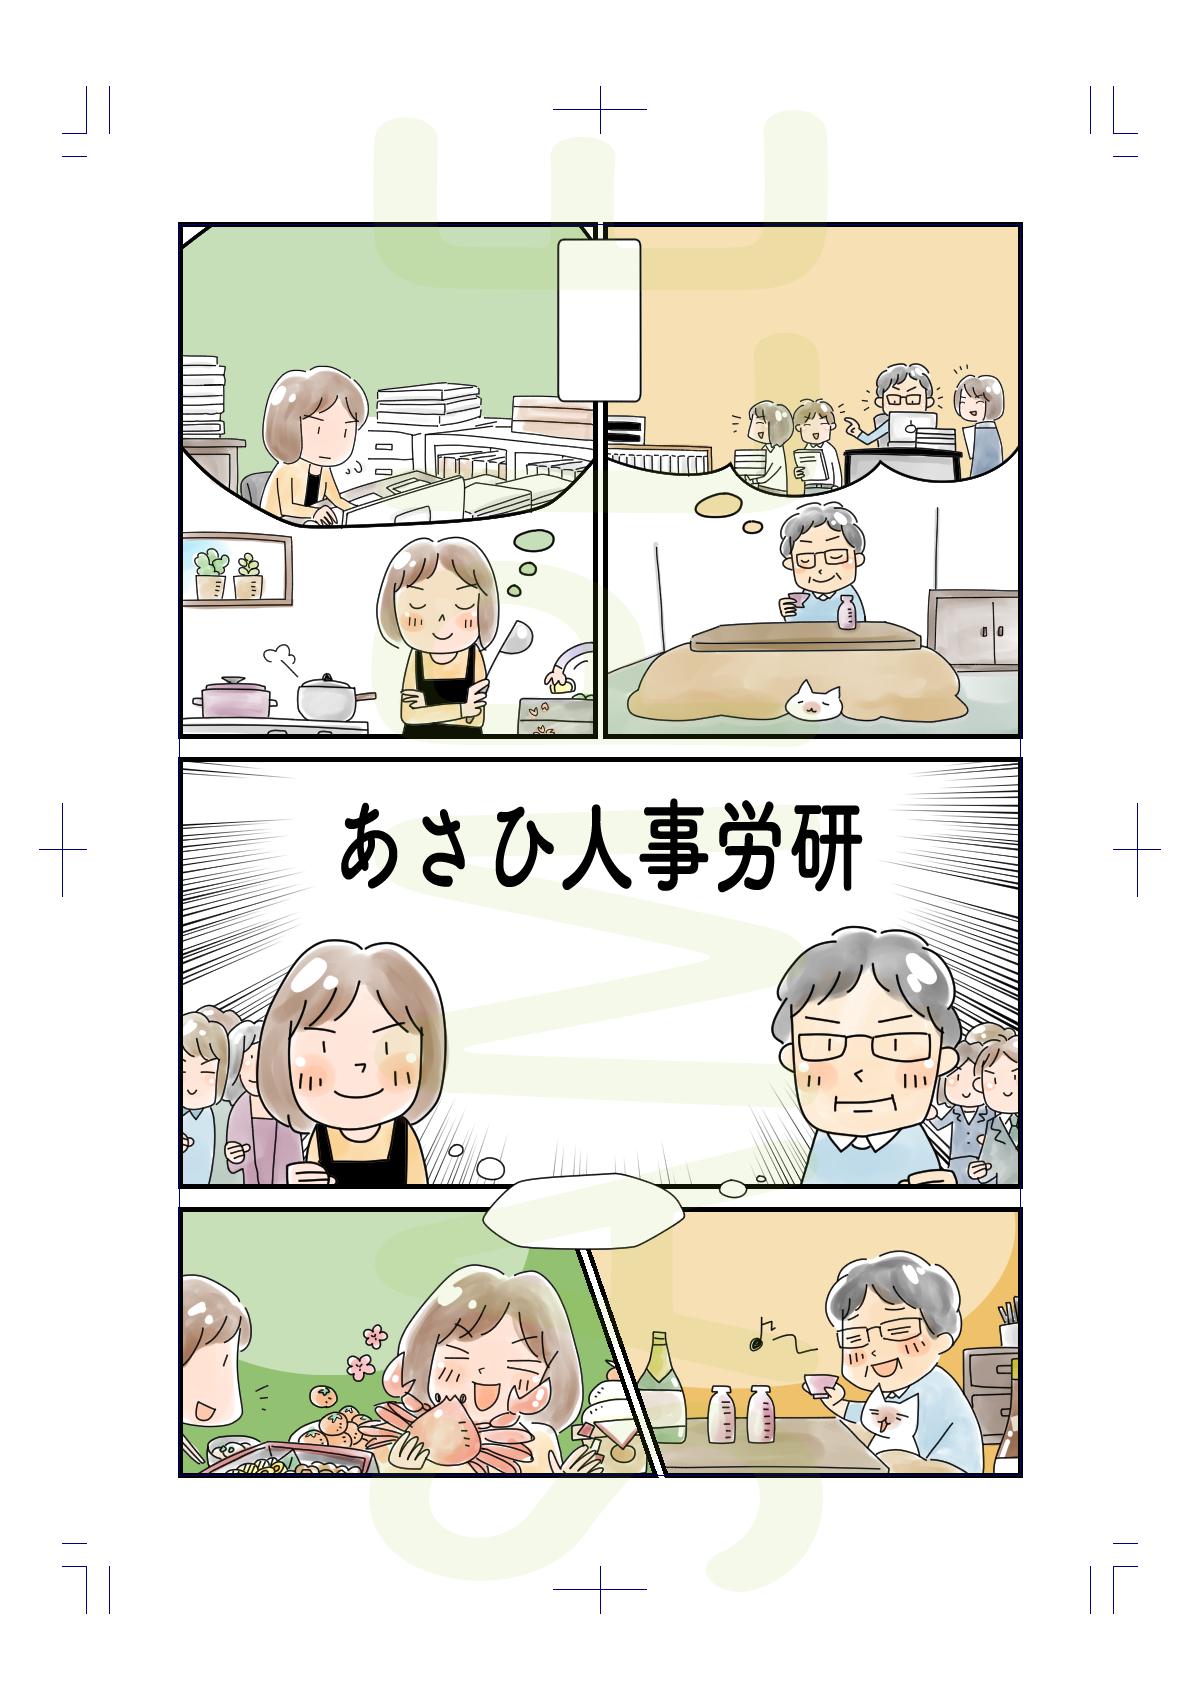 あさひ人事労研 様 / 1ページ漫画